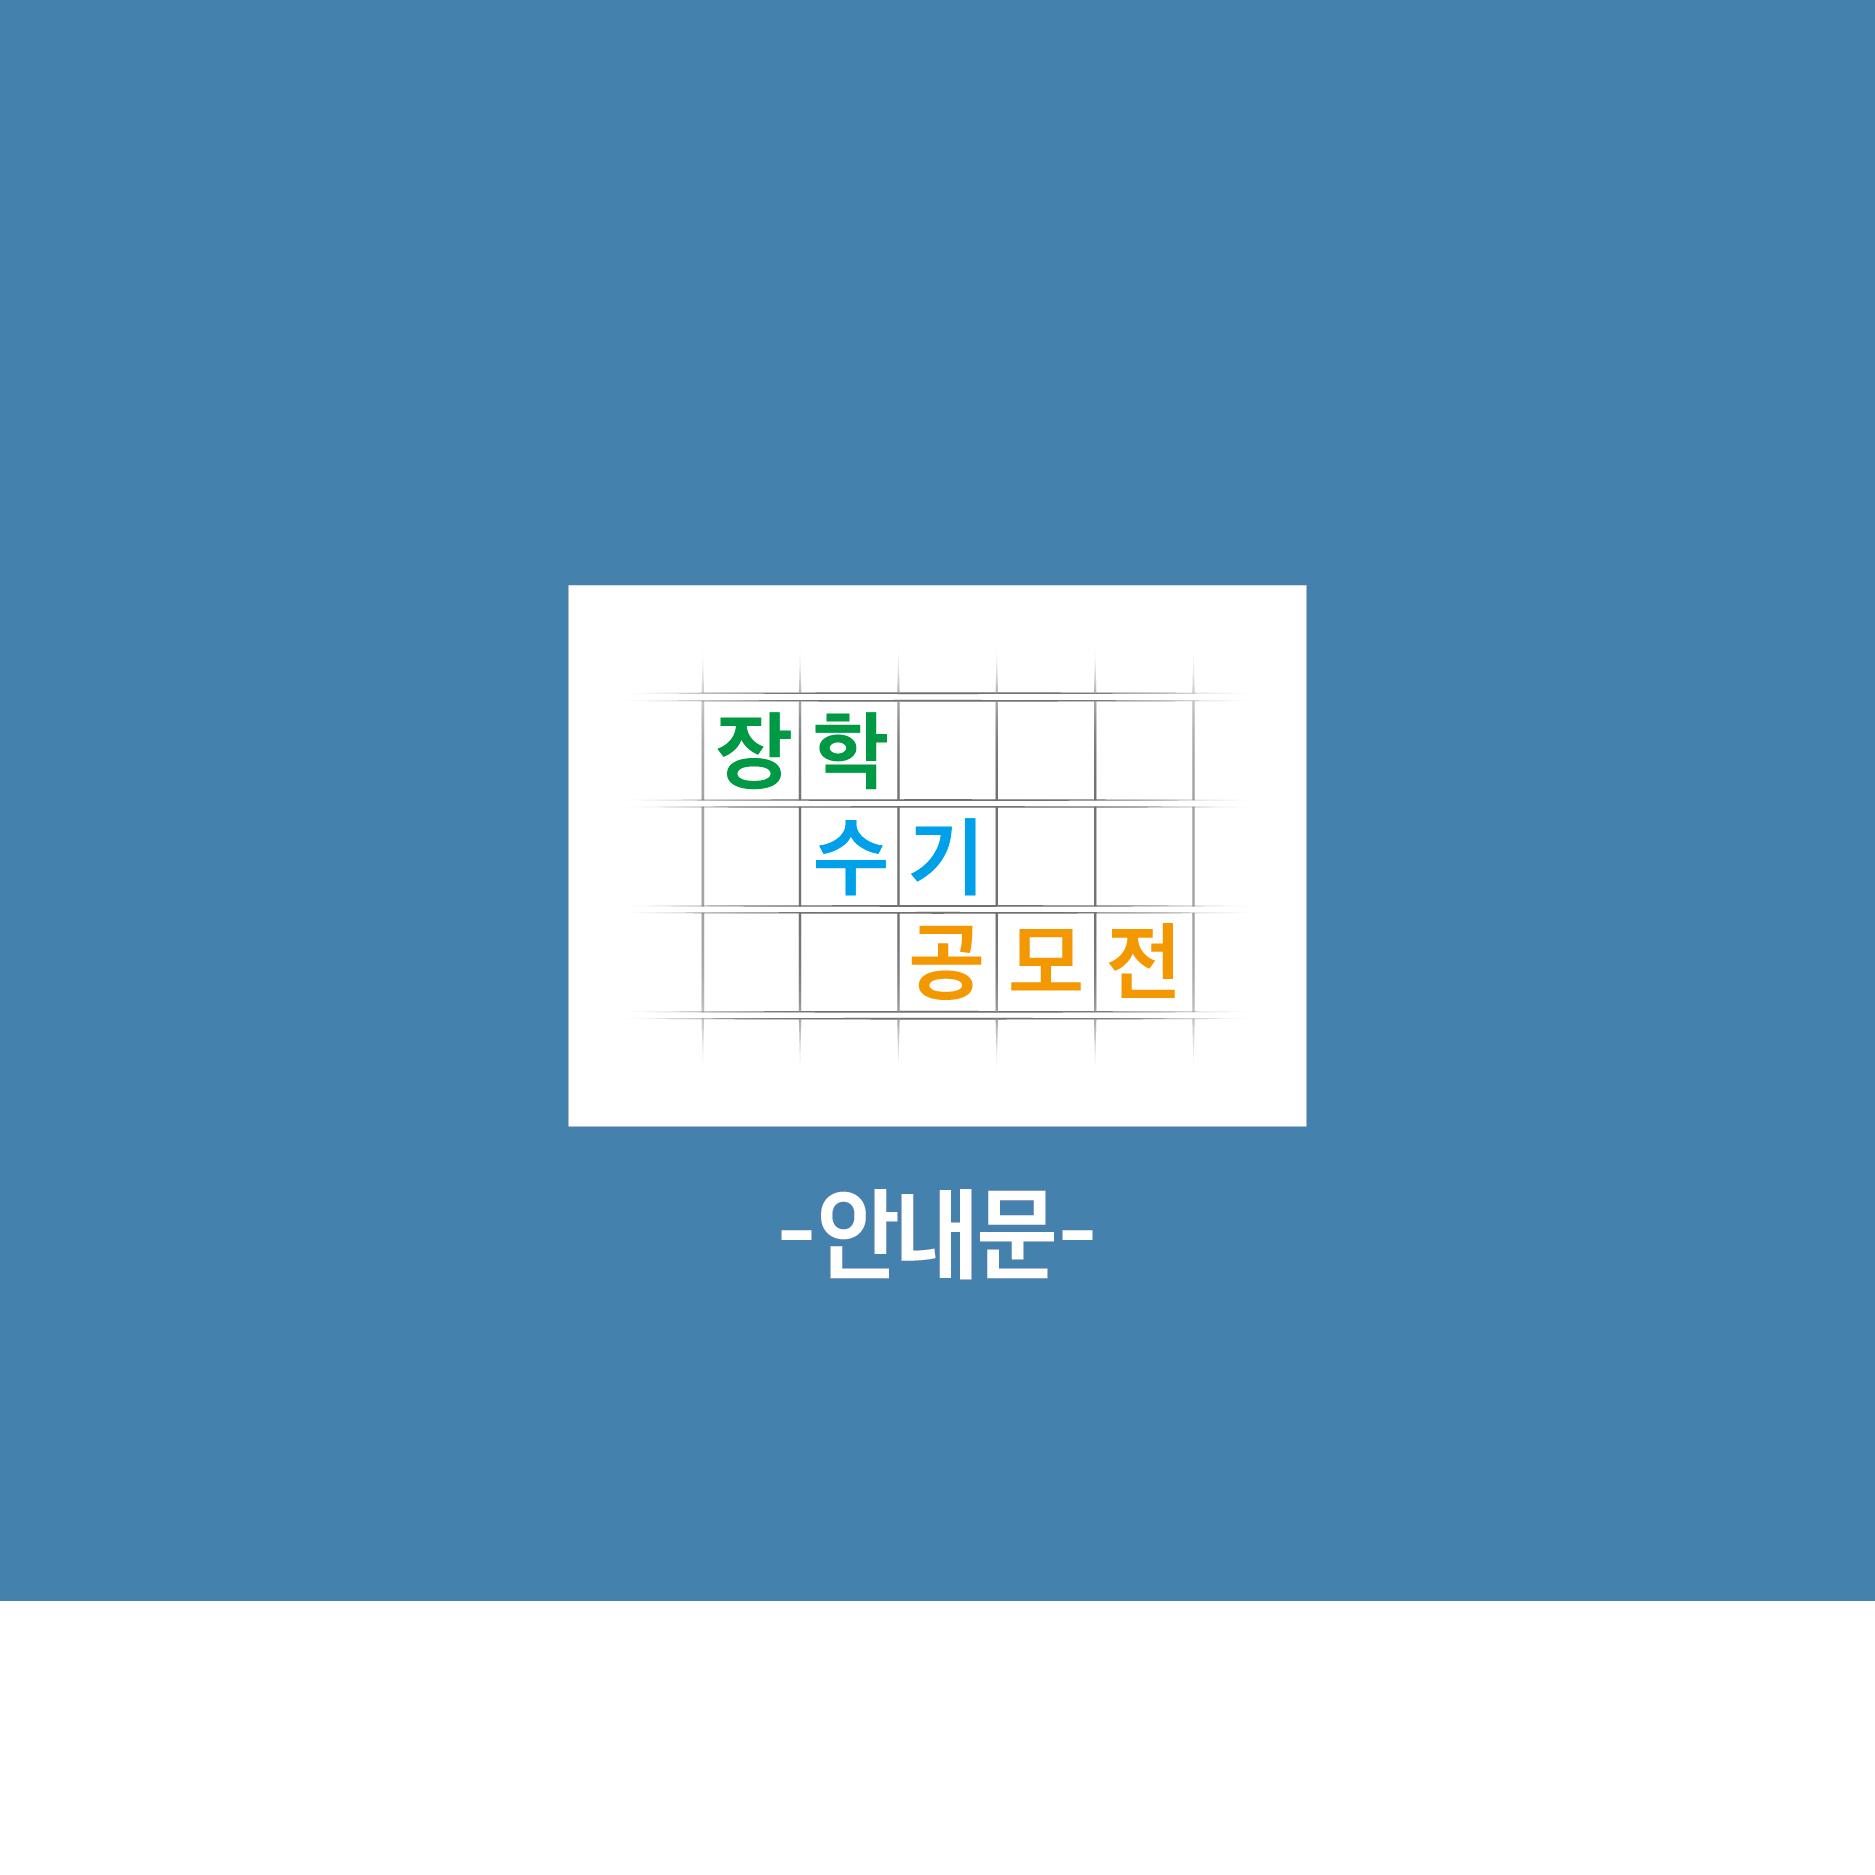 수기카드뉴스만들어보자3-05.jpg